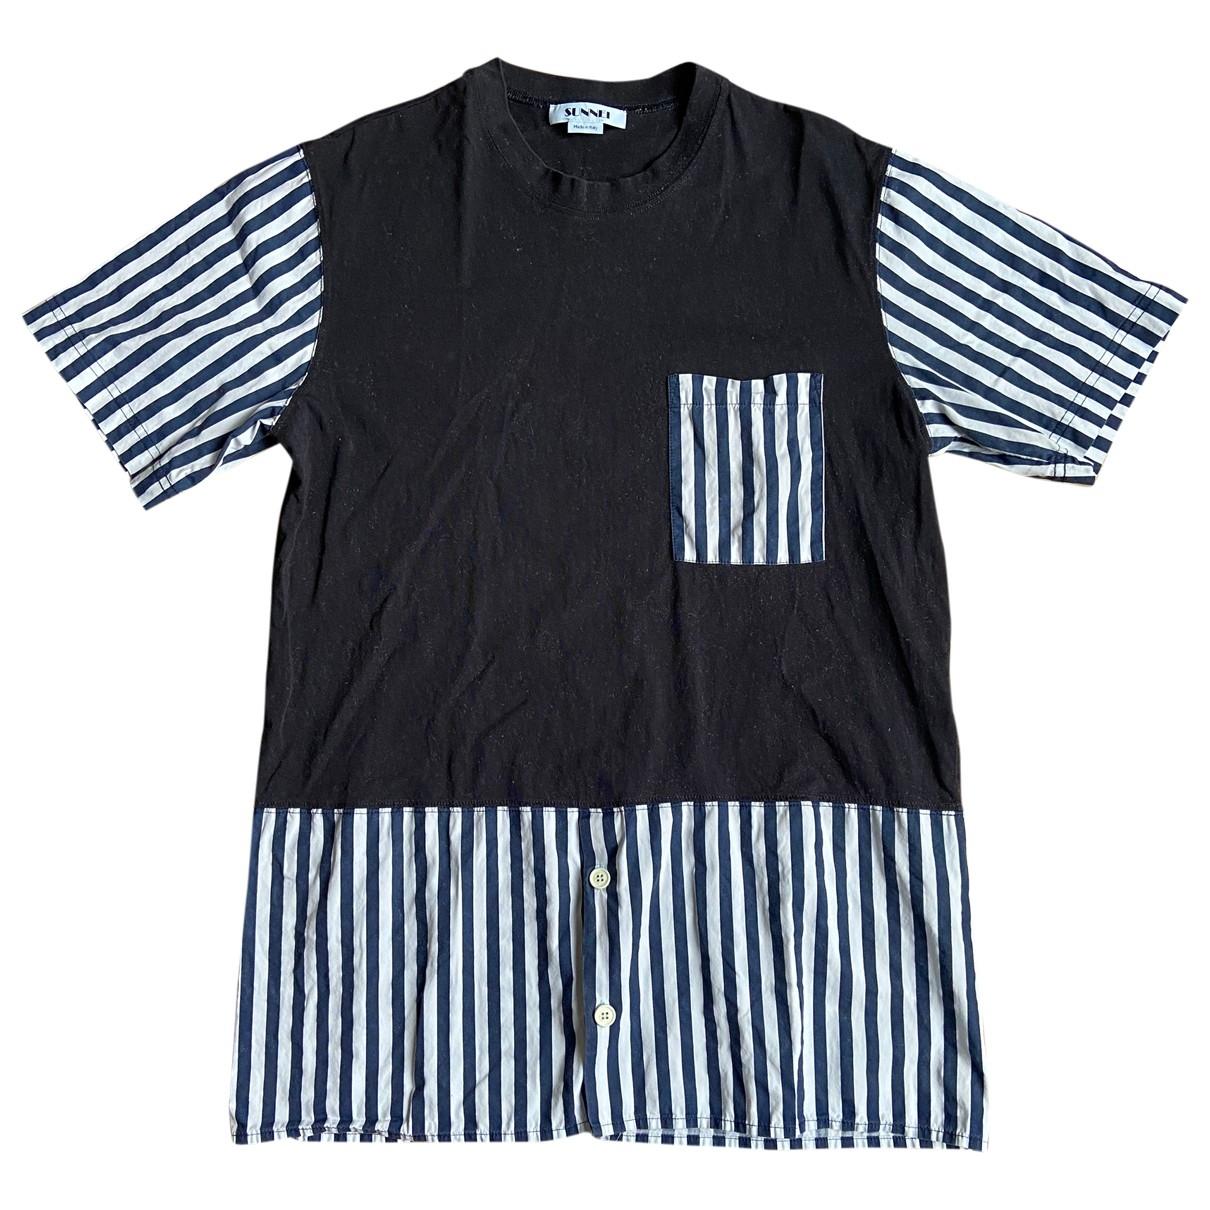 Sunnei - Tee shirts   pour homme en coton - marine